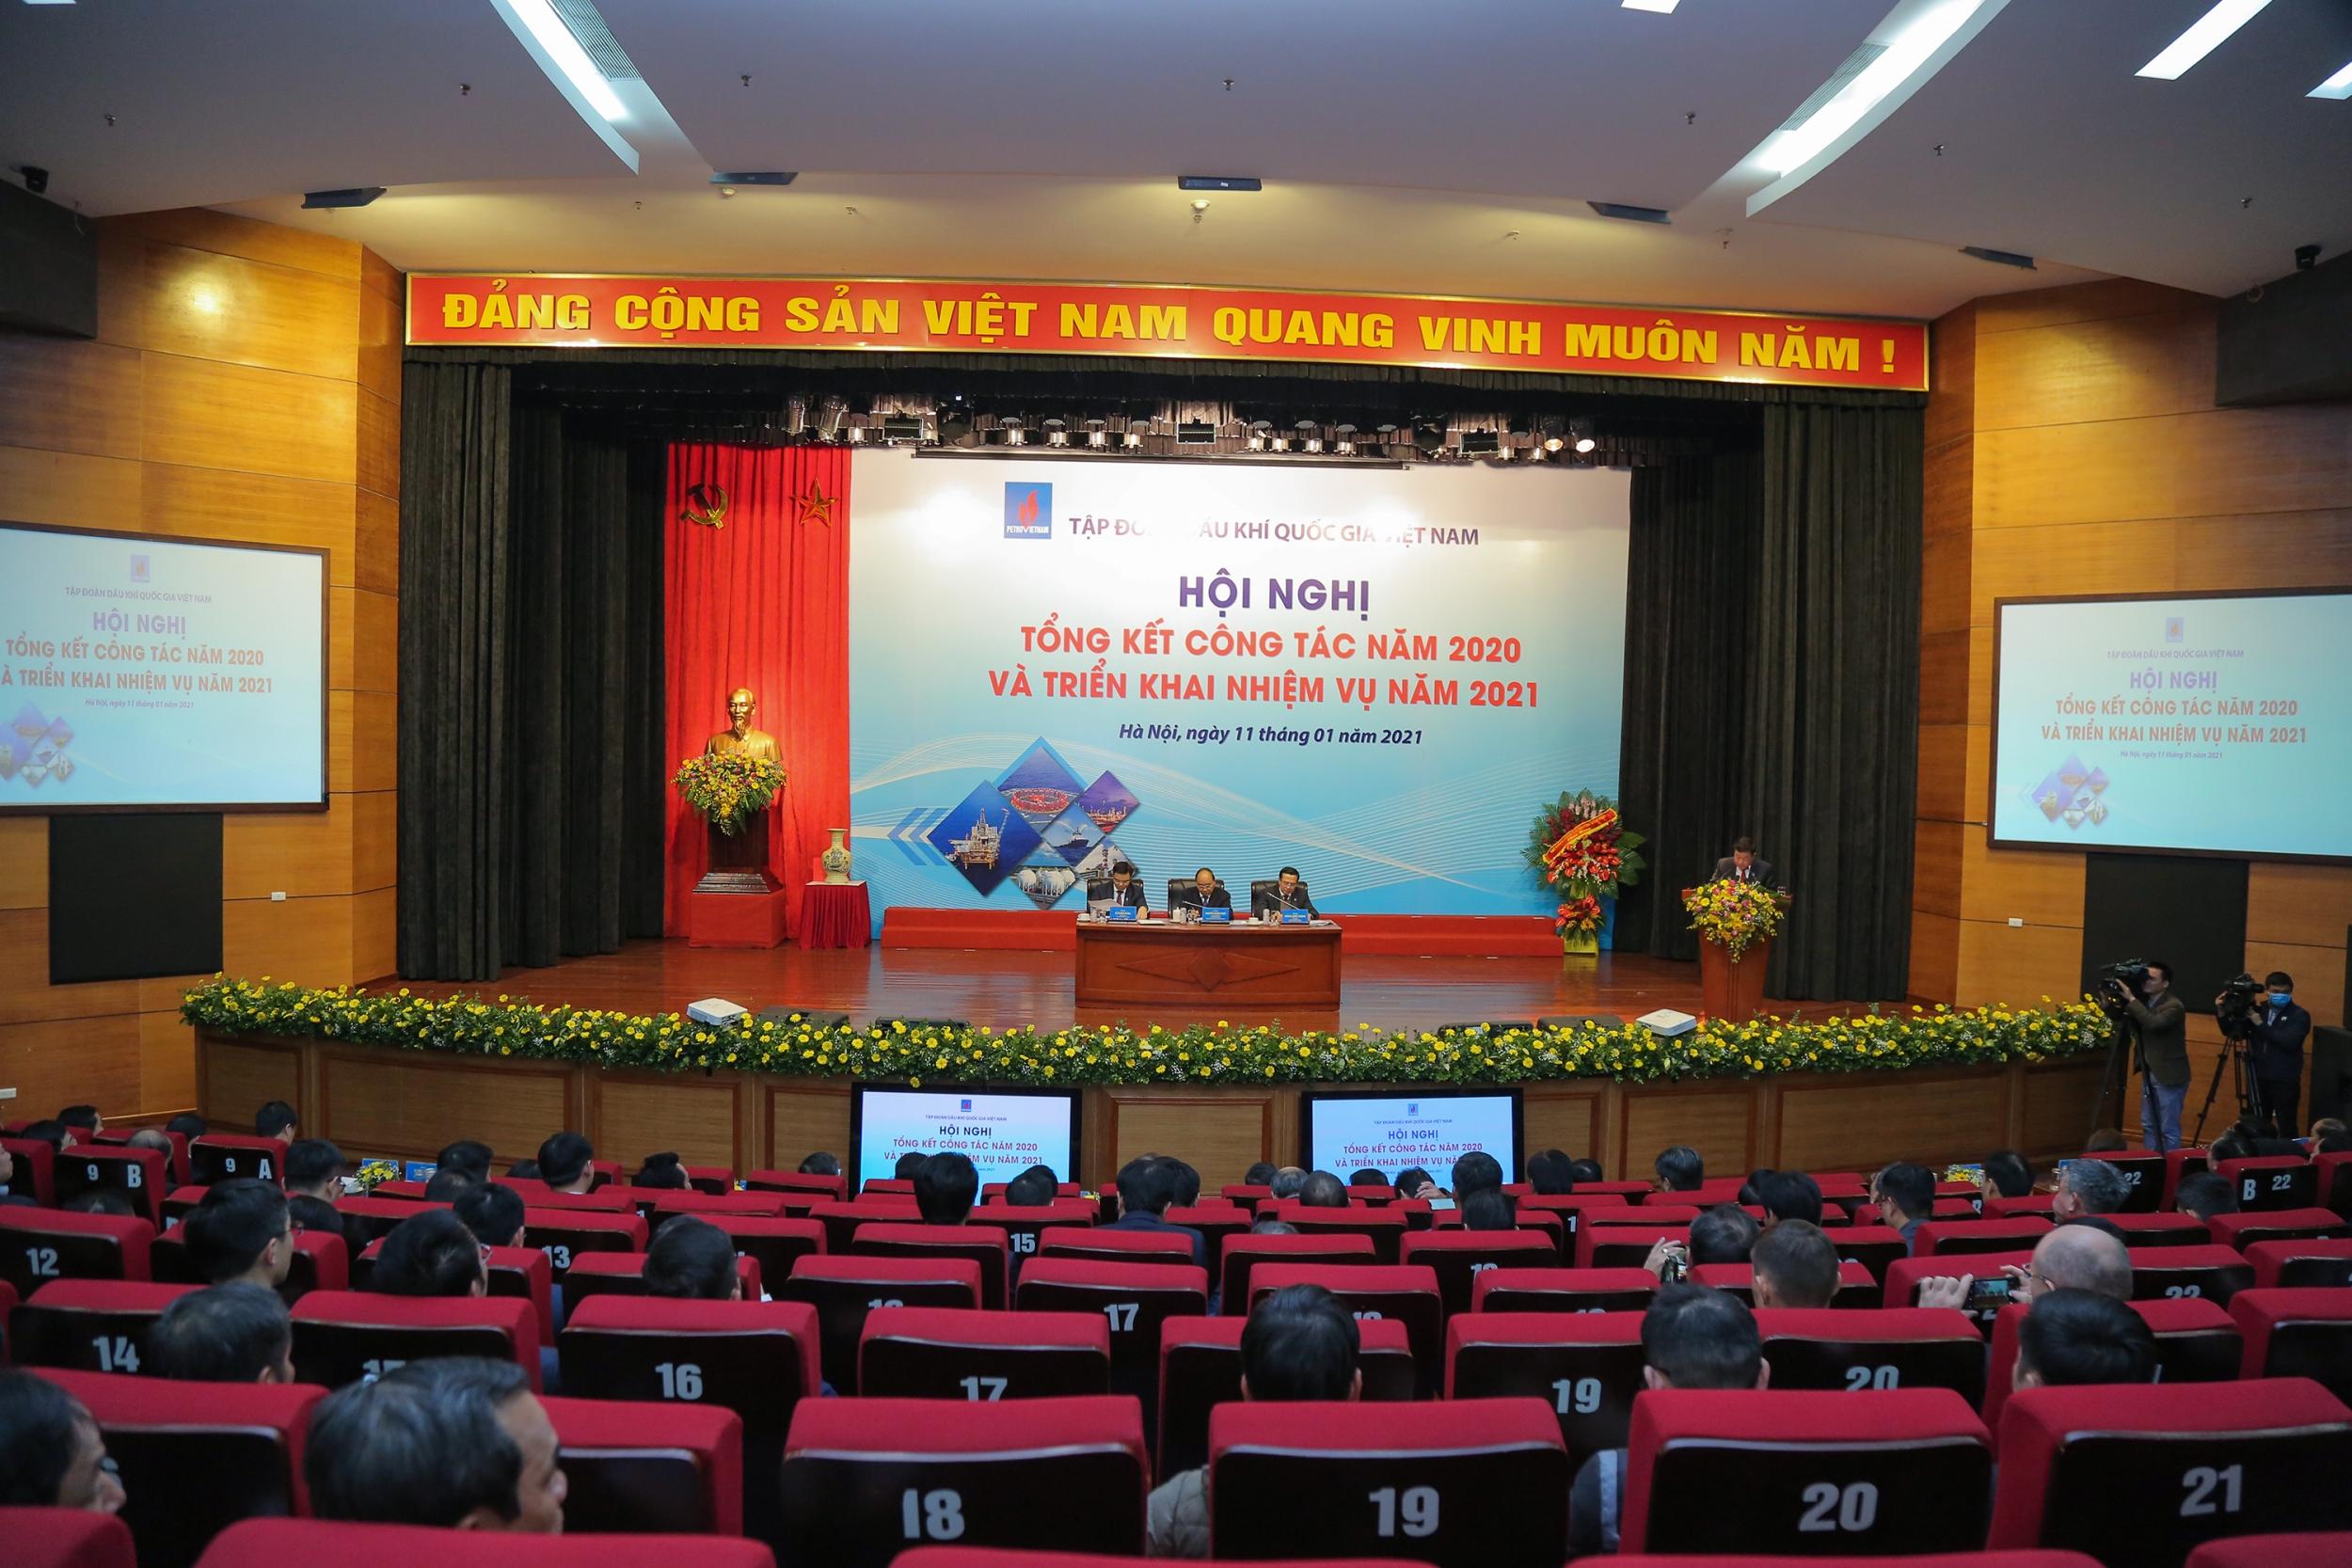 Thủ tướng Chính phủ Nguyễn Xuân Phúc dự và chỉ đạo Hội nghị tổng kết năm 2020, triển khai nhiệm vụ năm 2021 của Petrovietnam